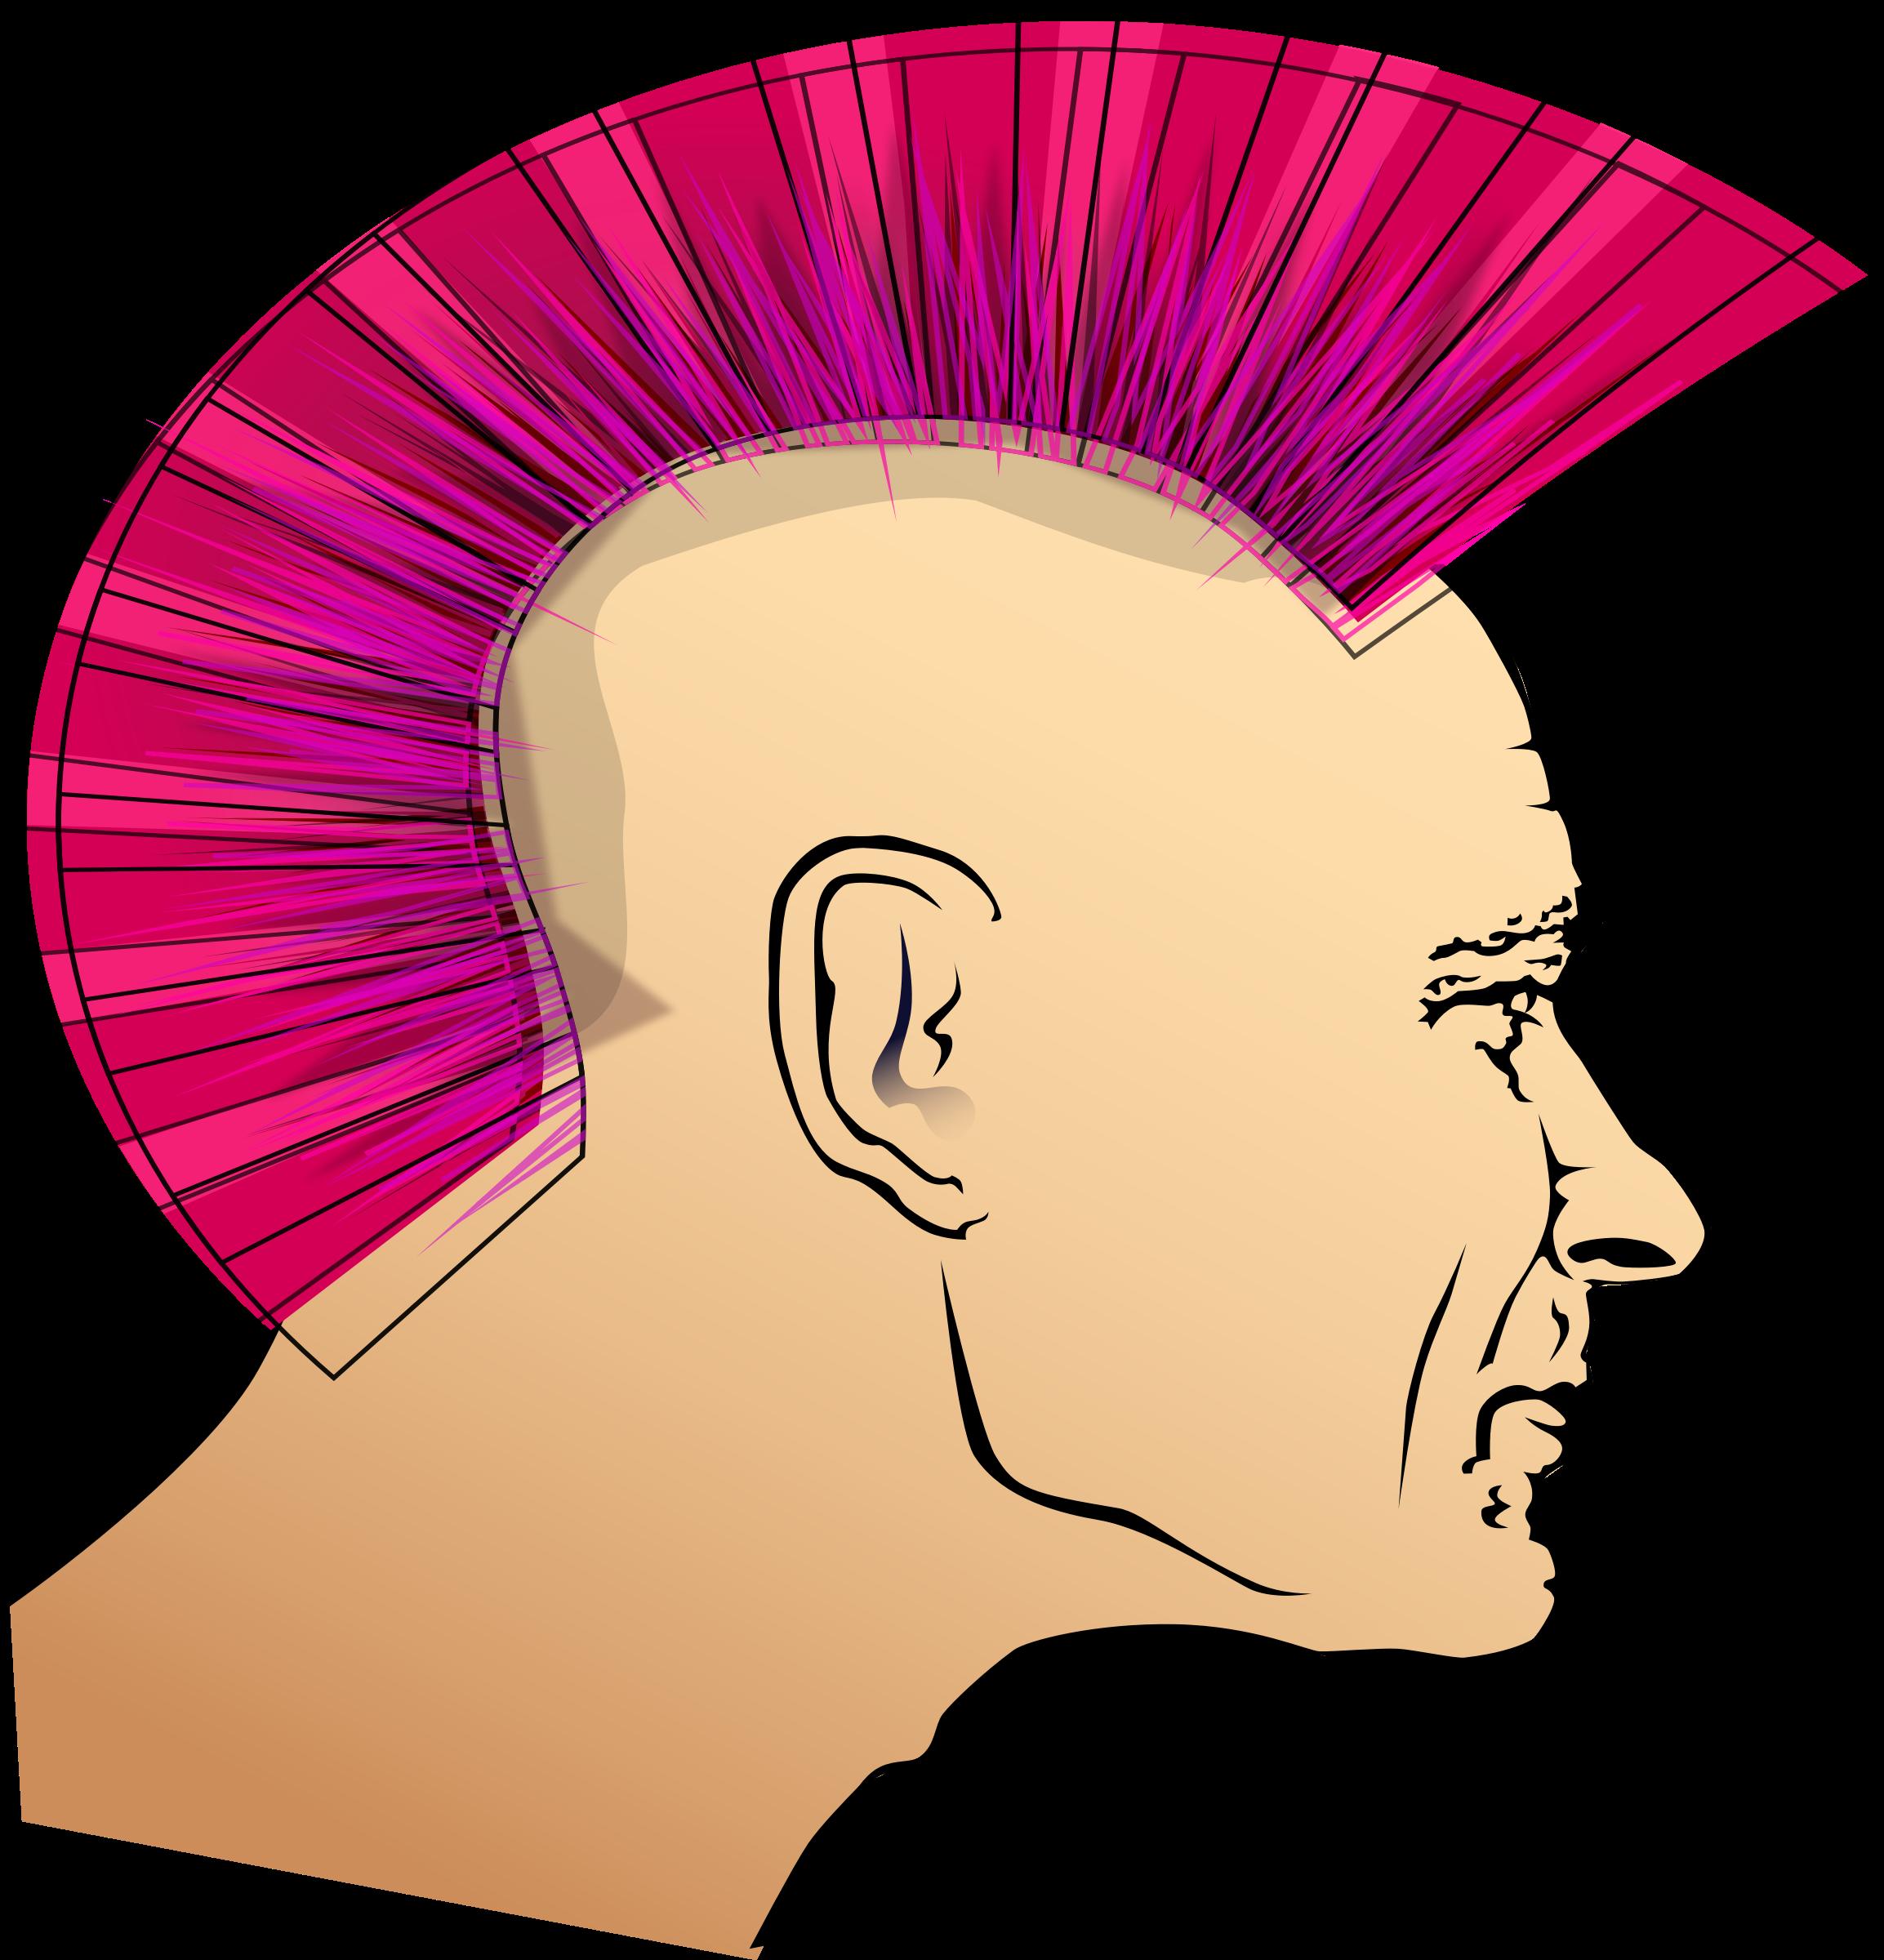 Man big image png. Hair clipart punk hair